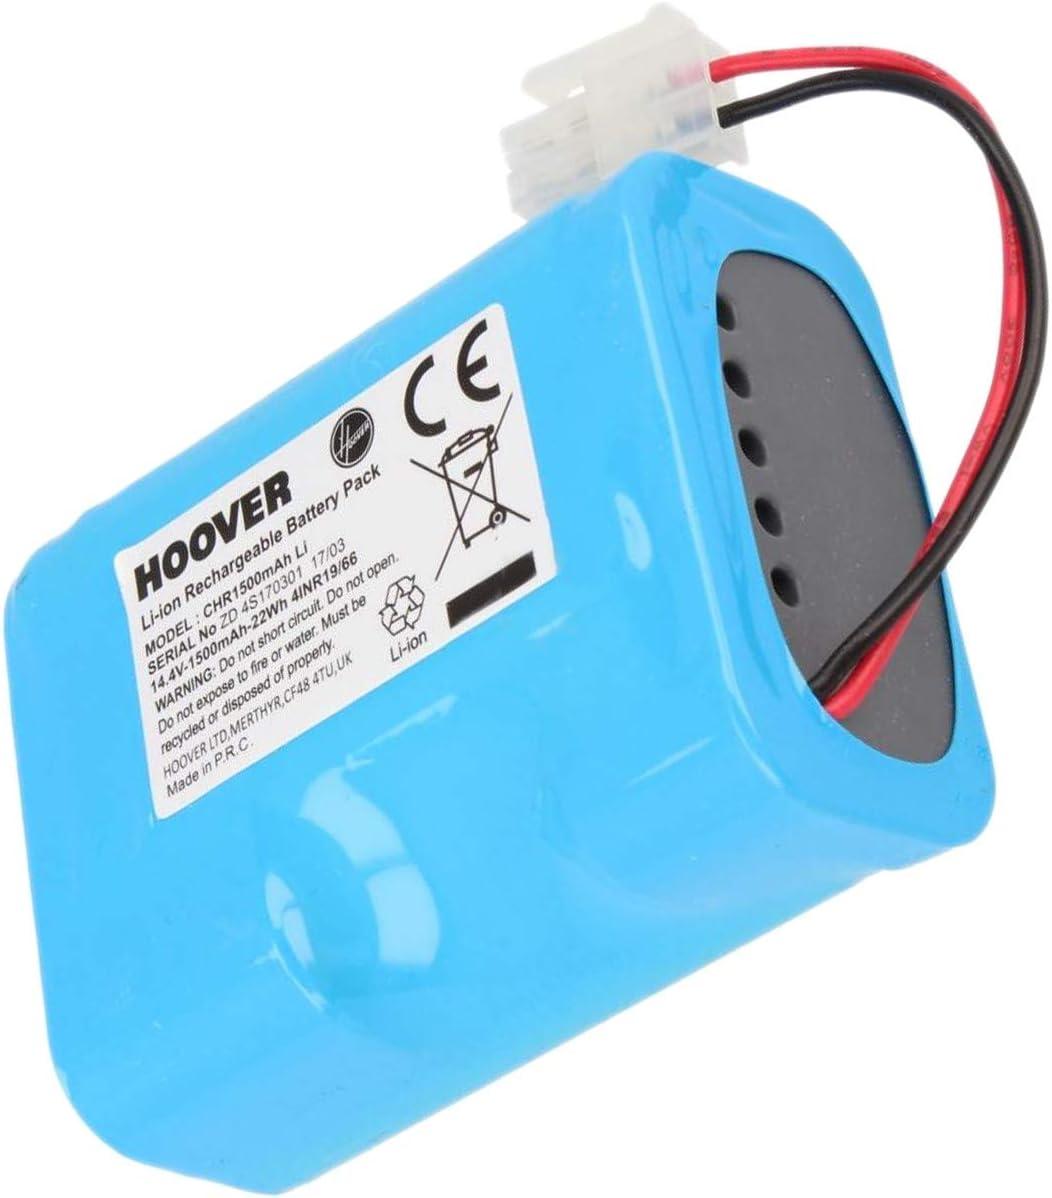 CANDY Batería Litio 220 mAh rb219 Robo. COM3 Hoover 35601403: Amazon.es: Hogar